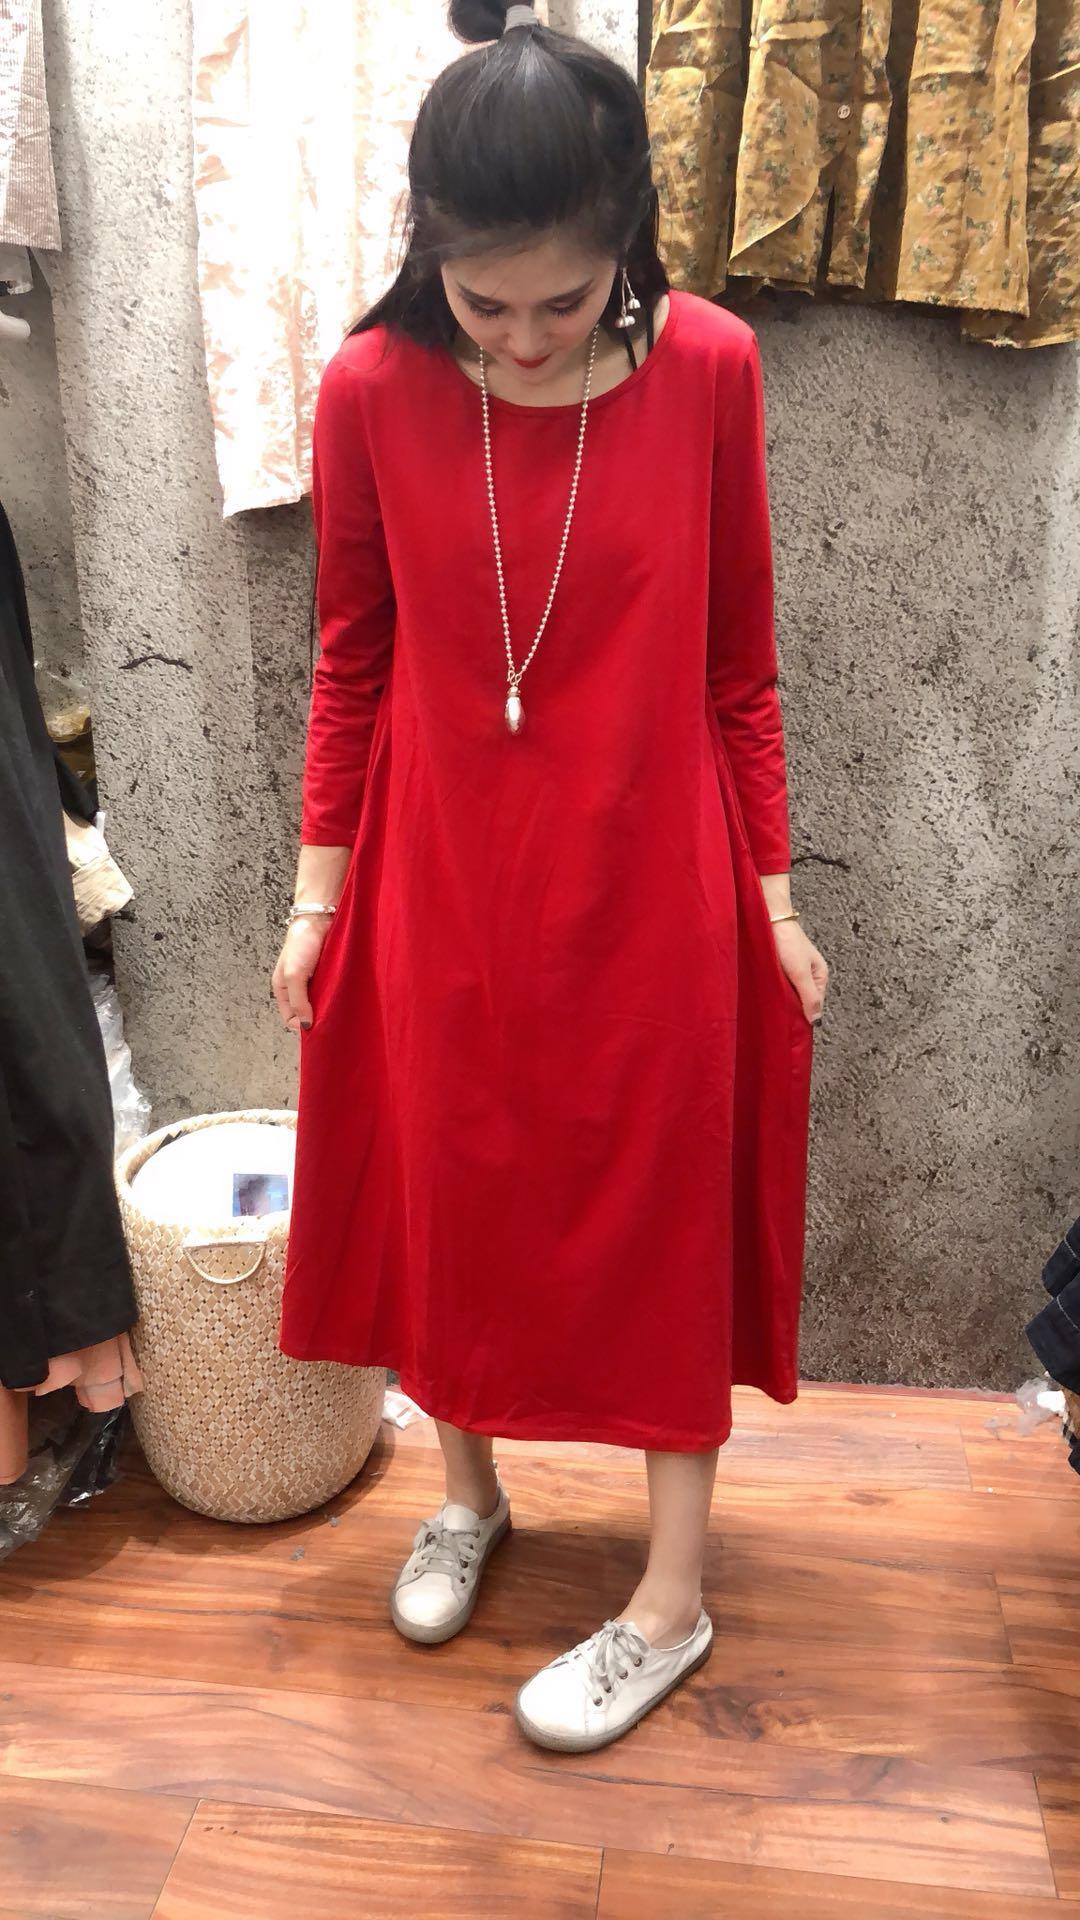 红色连衣裙 2018年新款纯色长款连衣裙XD4F006-AB1812_推荐淘宝好看的红色连衣裙